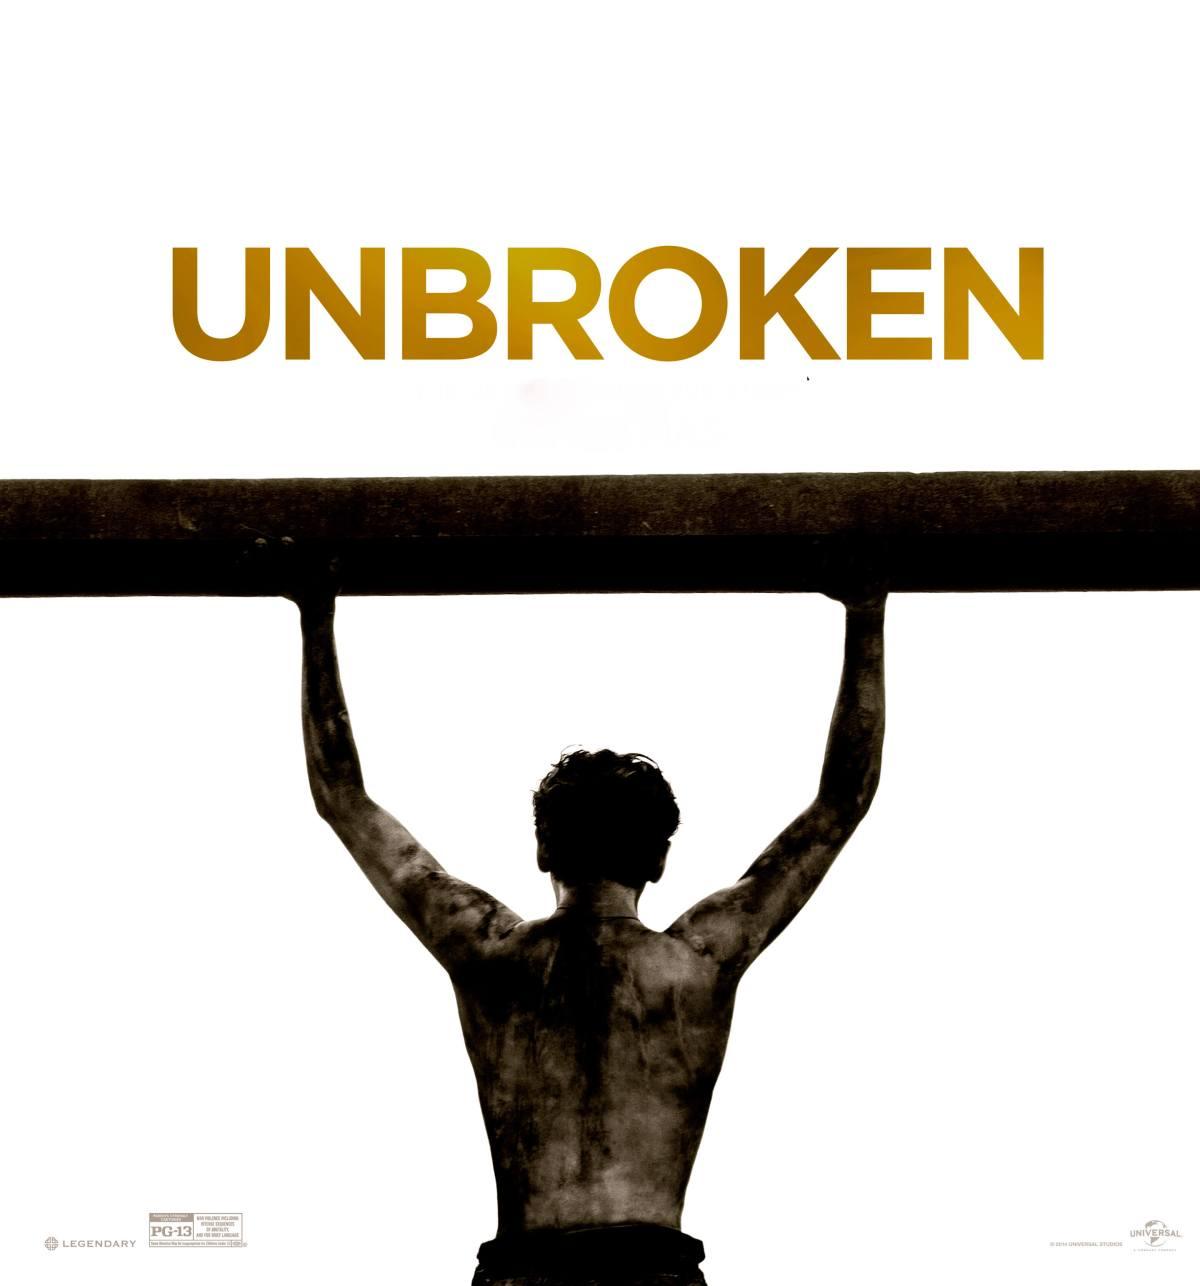 Unbroken